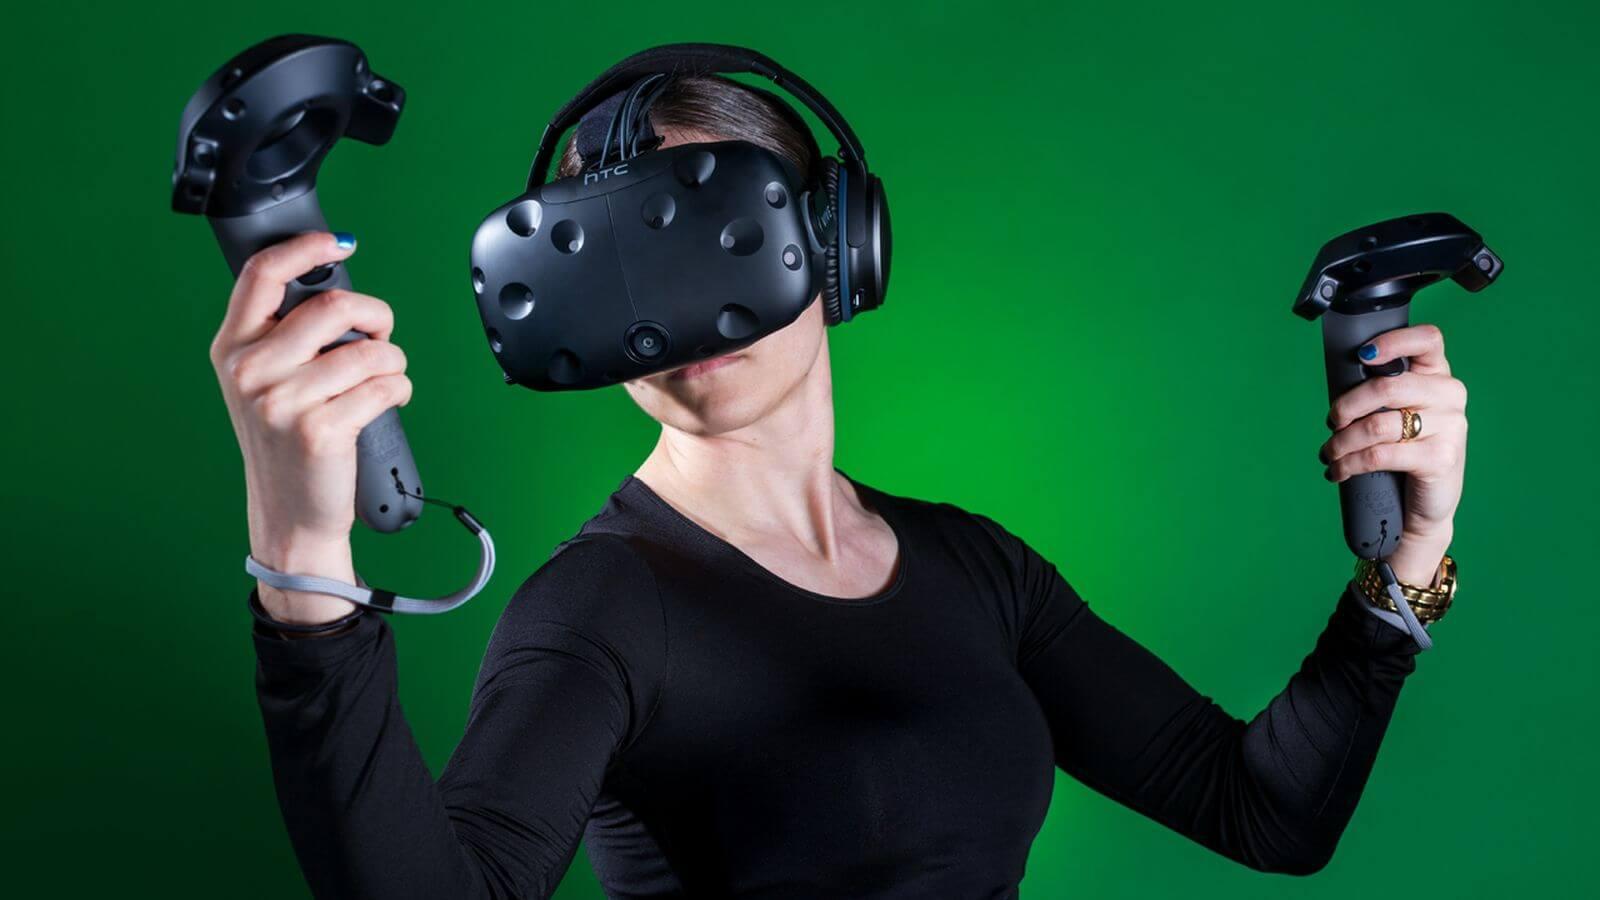 VRG VRV 141 HTC Vive Thumb.0.0 - São Paulo ganha primeiro Arcade de Realidade Virtual do país